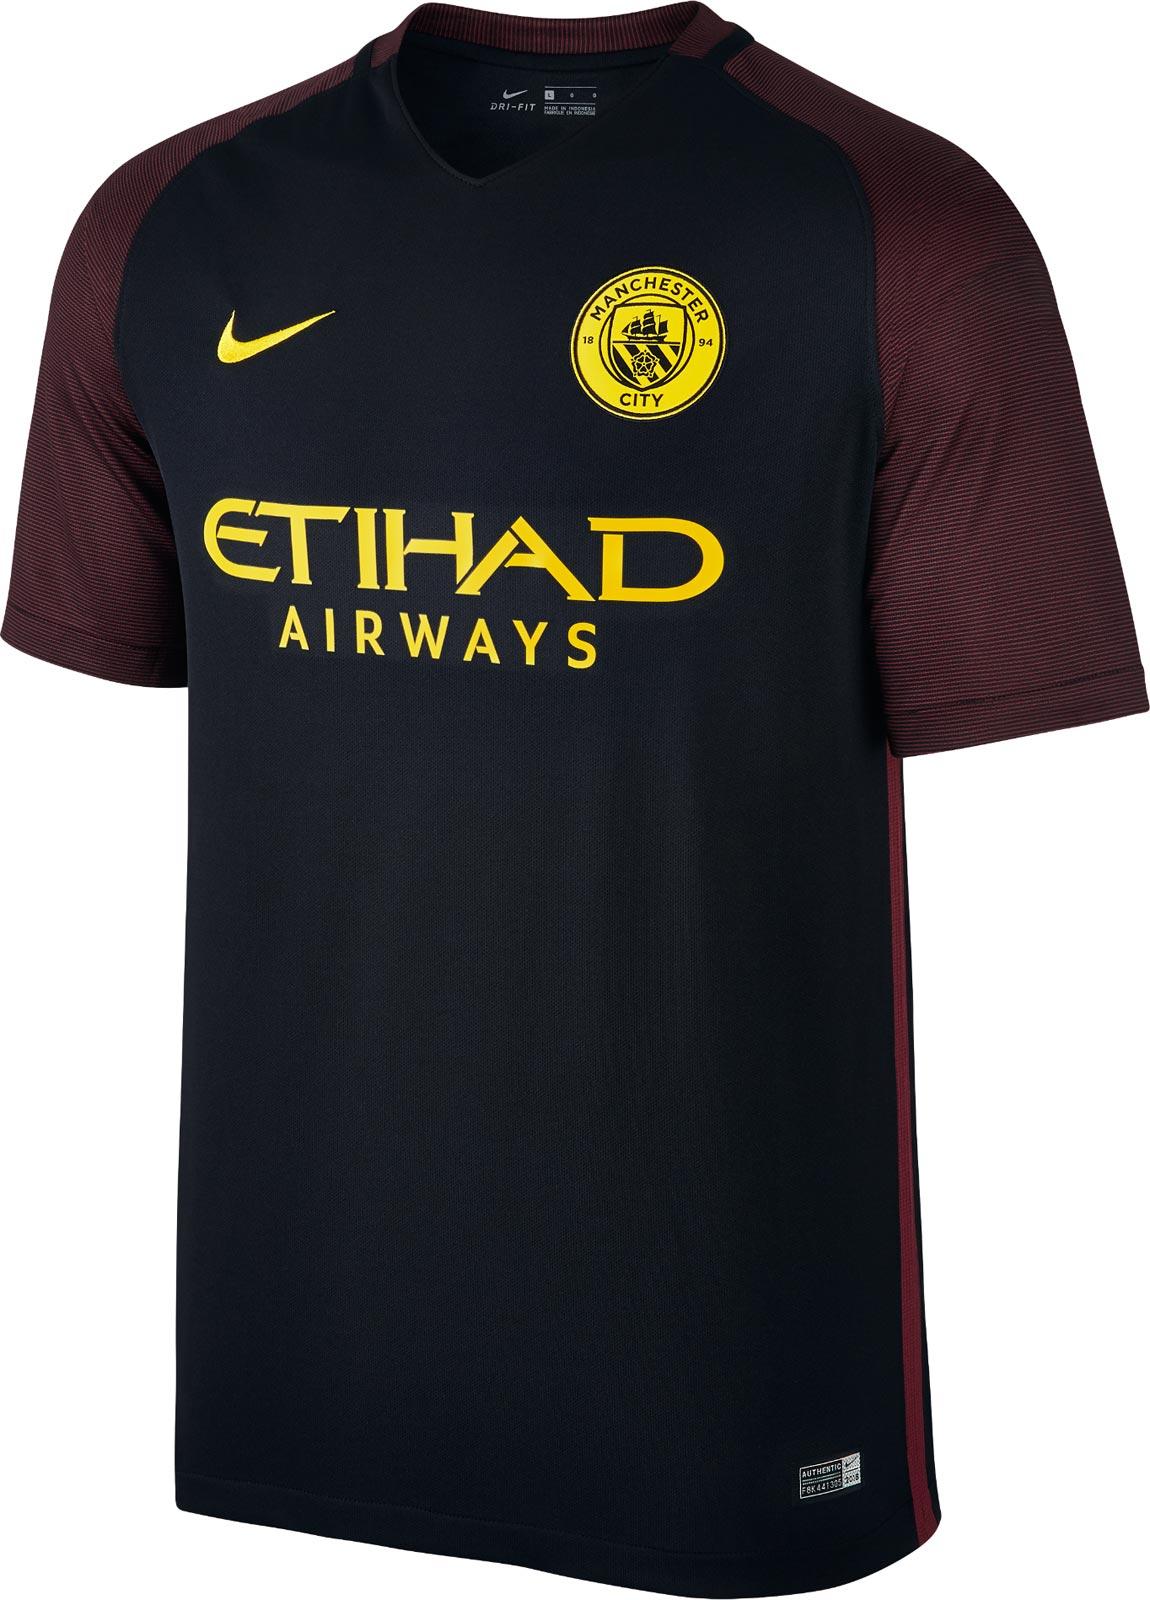 2016-17 Premier League Kits Overview - All 16-17 Premier ...